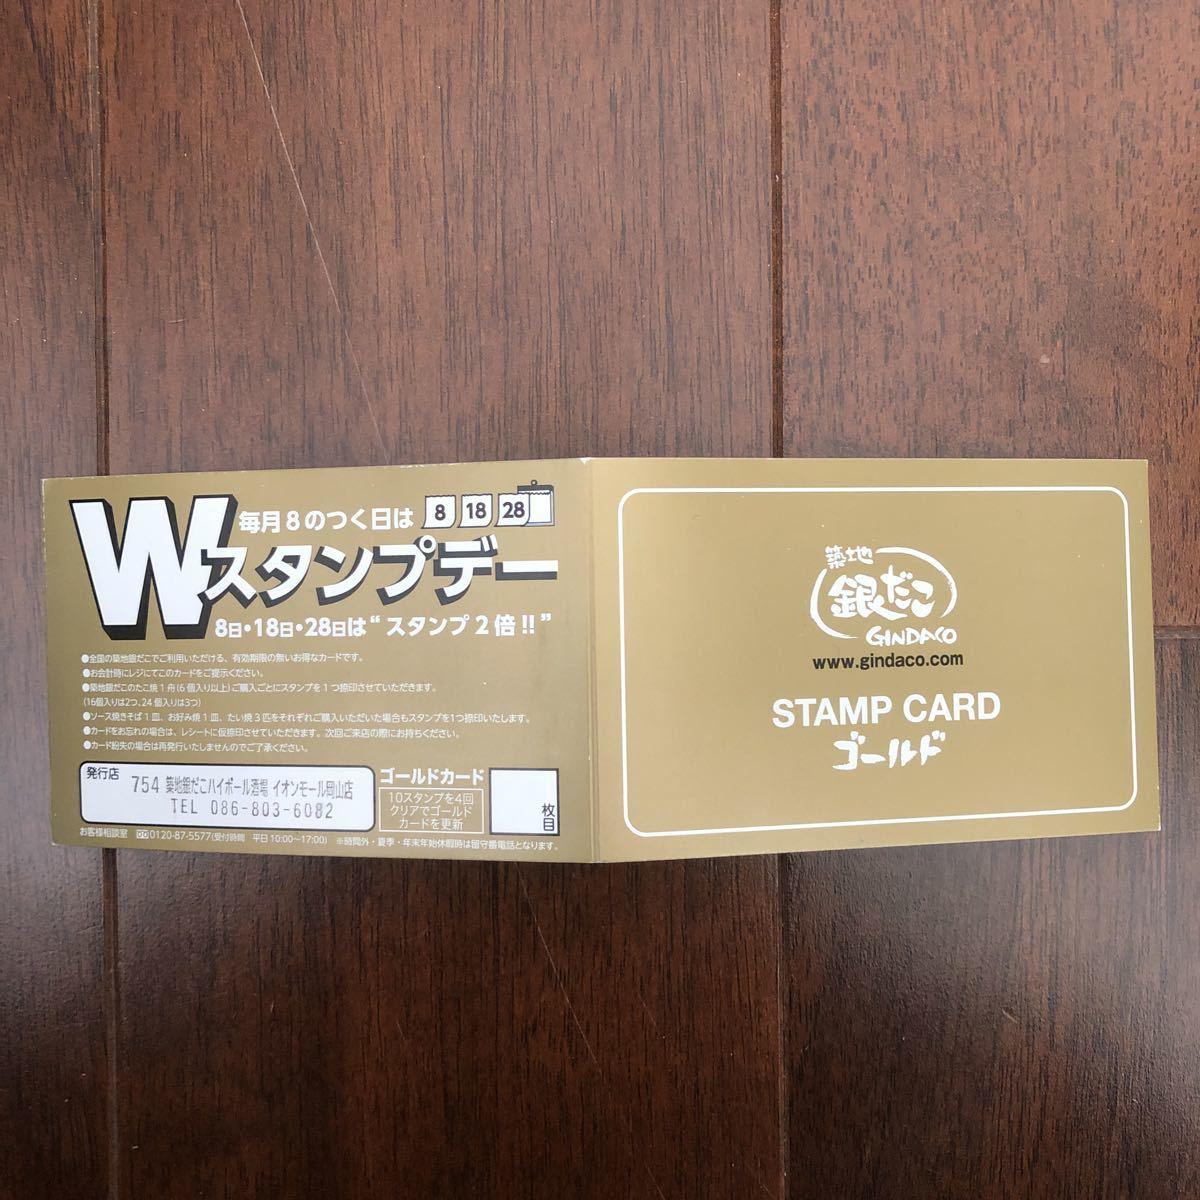 送料無料 築地銀だこ スタンプカード(ゴールド)スタンプ全て捺印済 たこ焼き4舟交換可能 ゴールドカード更新不可_画像1